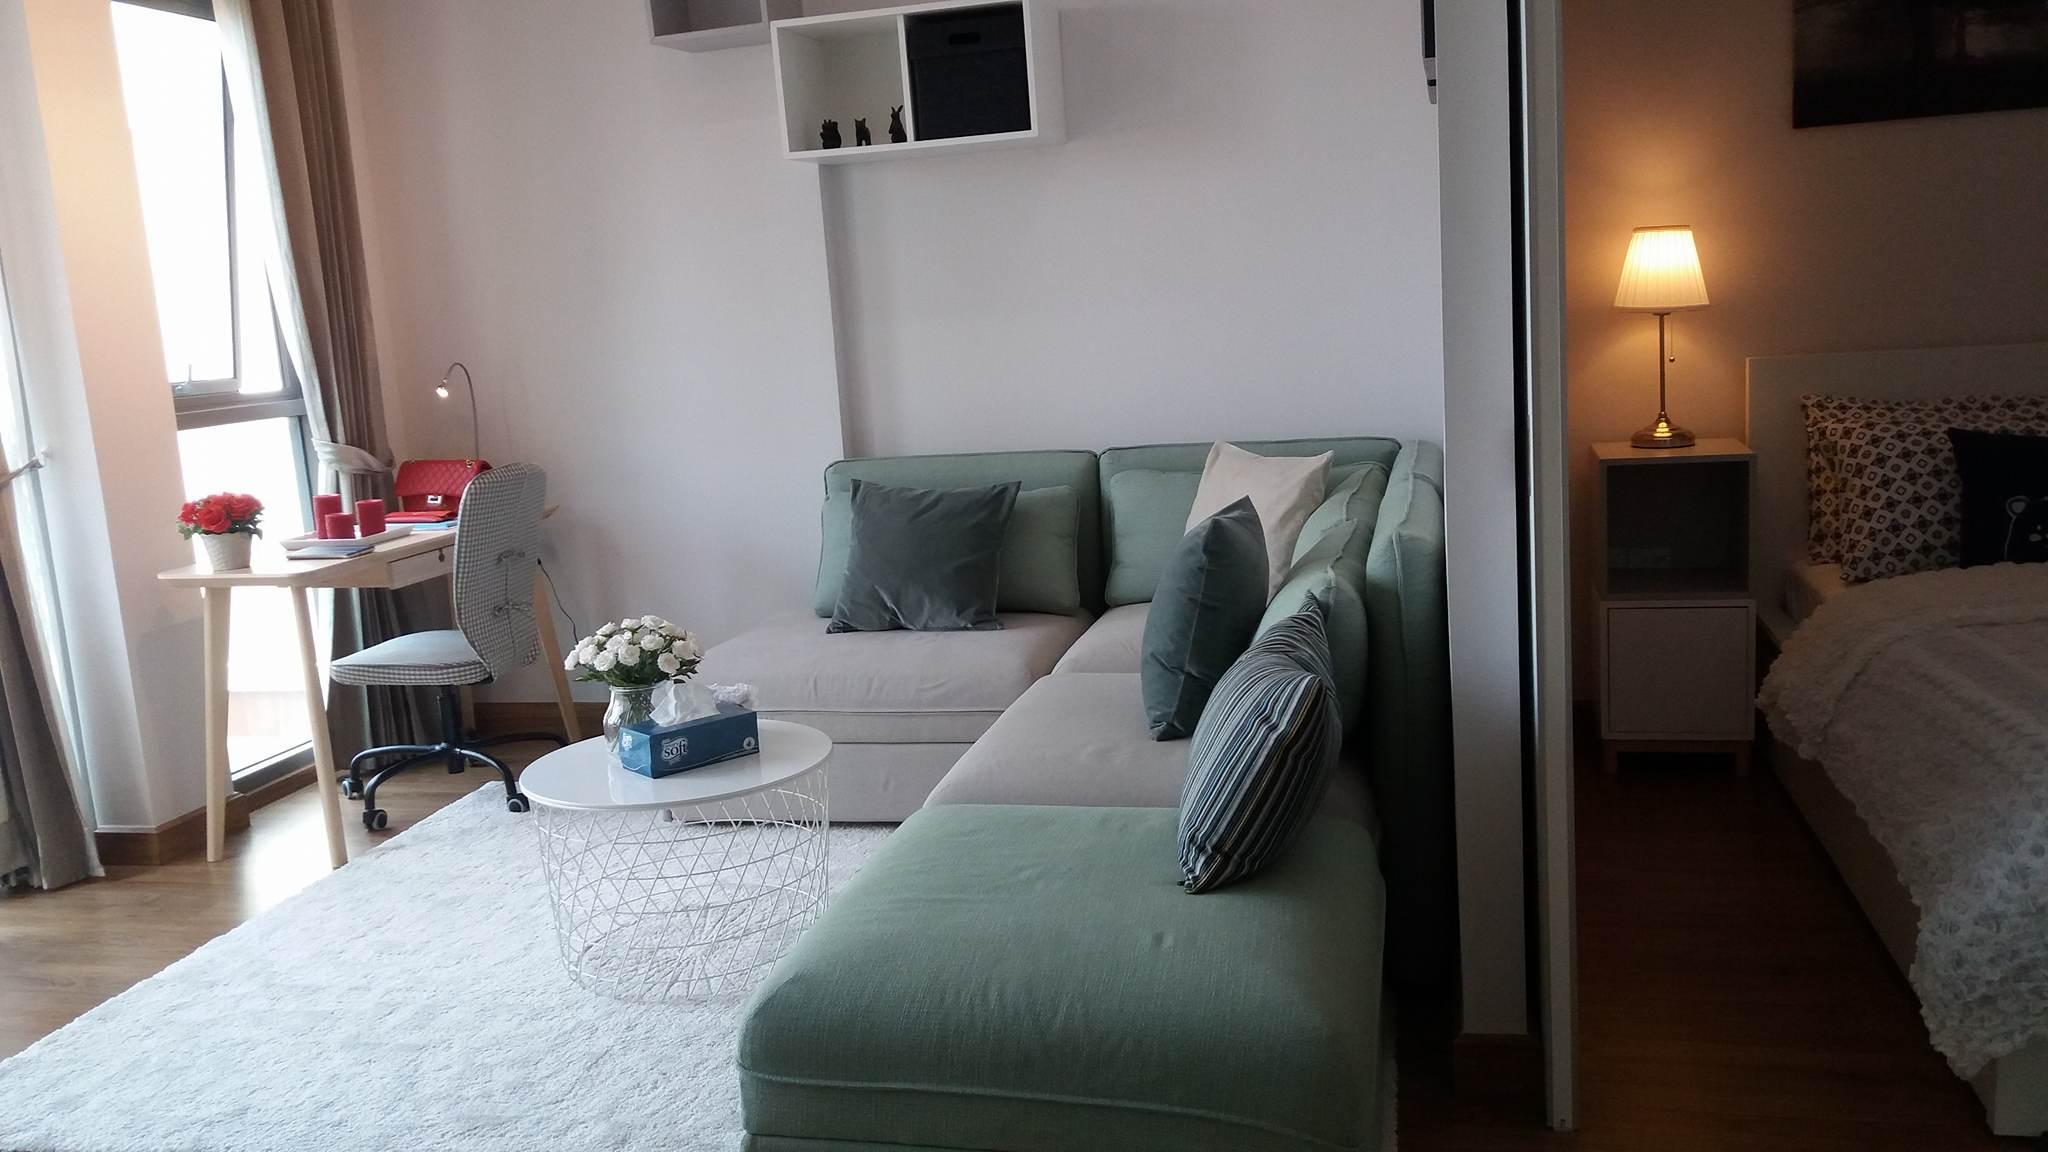 ,อพาร์ตเมนต์ 1 ห้องนอน 1 ห้องน้ำส่วนตัว ขนาด 47 ตร.ม. – สุเทพ